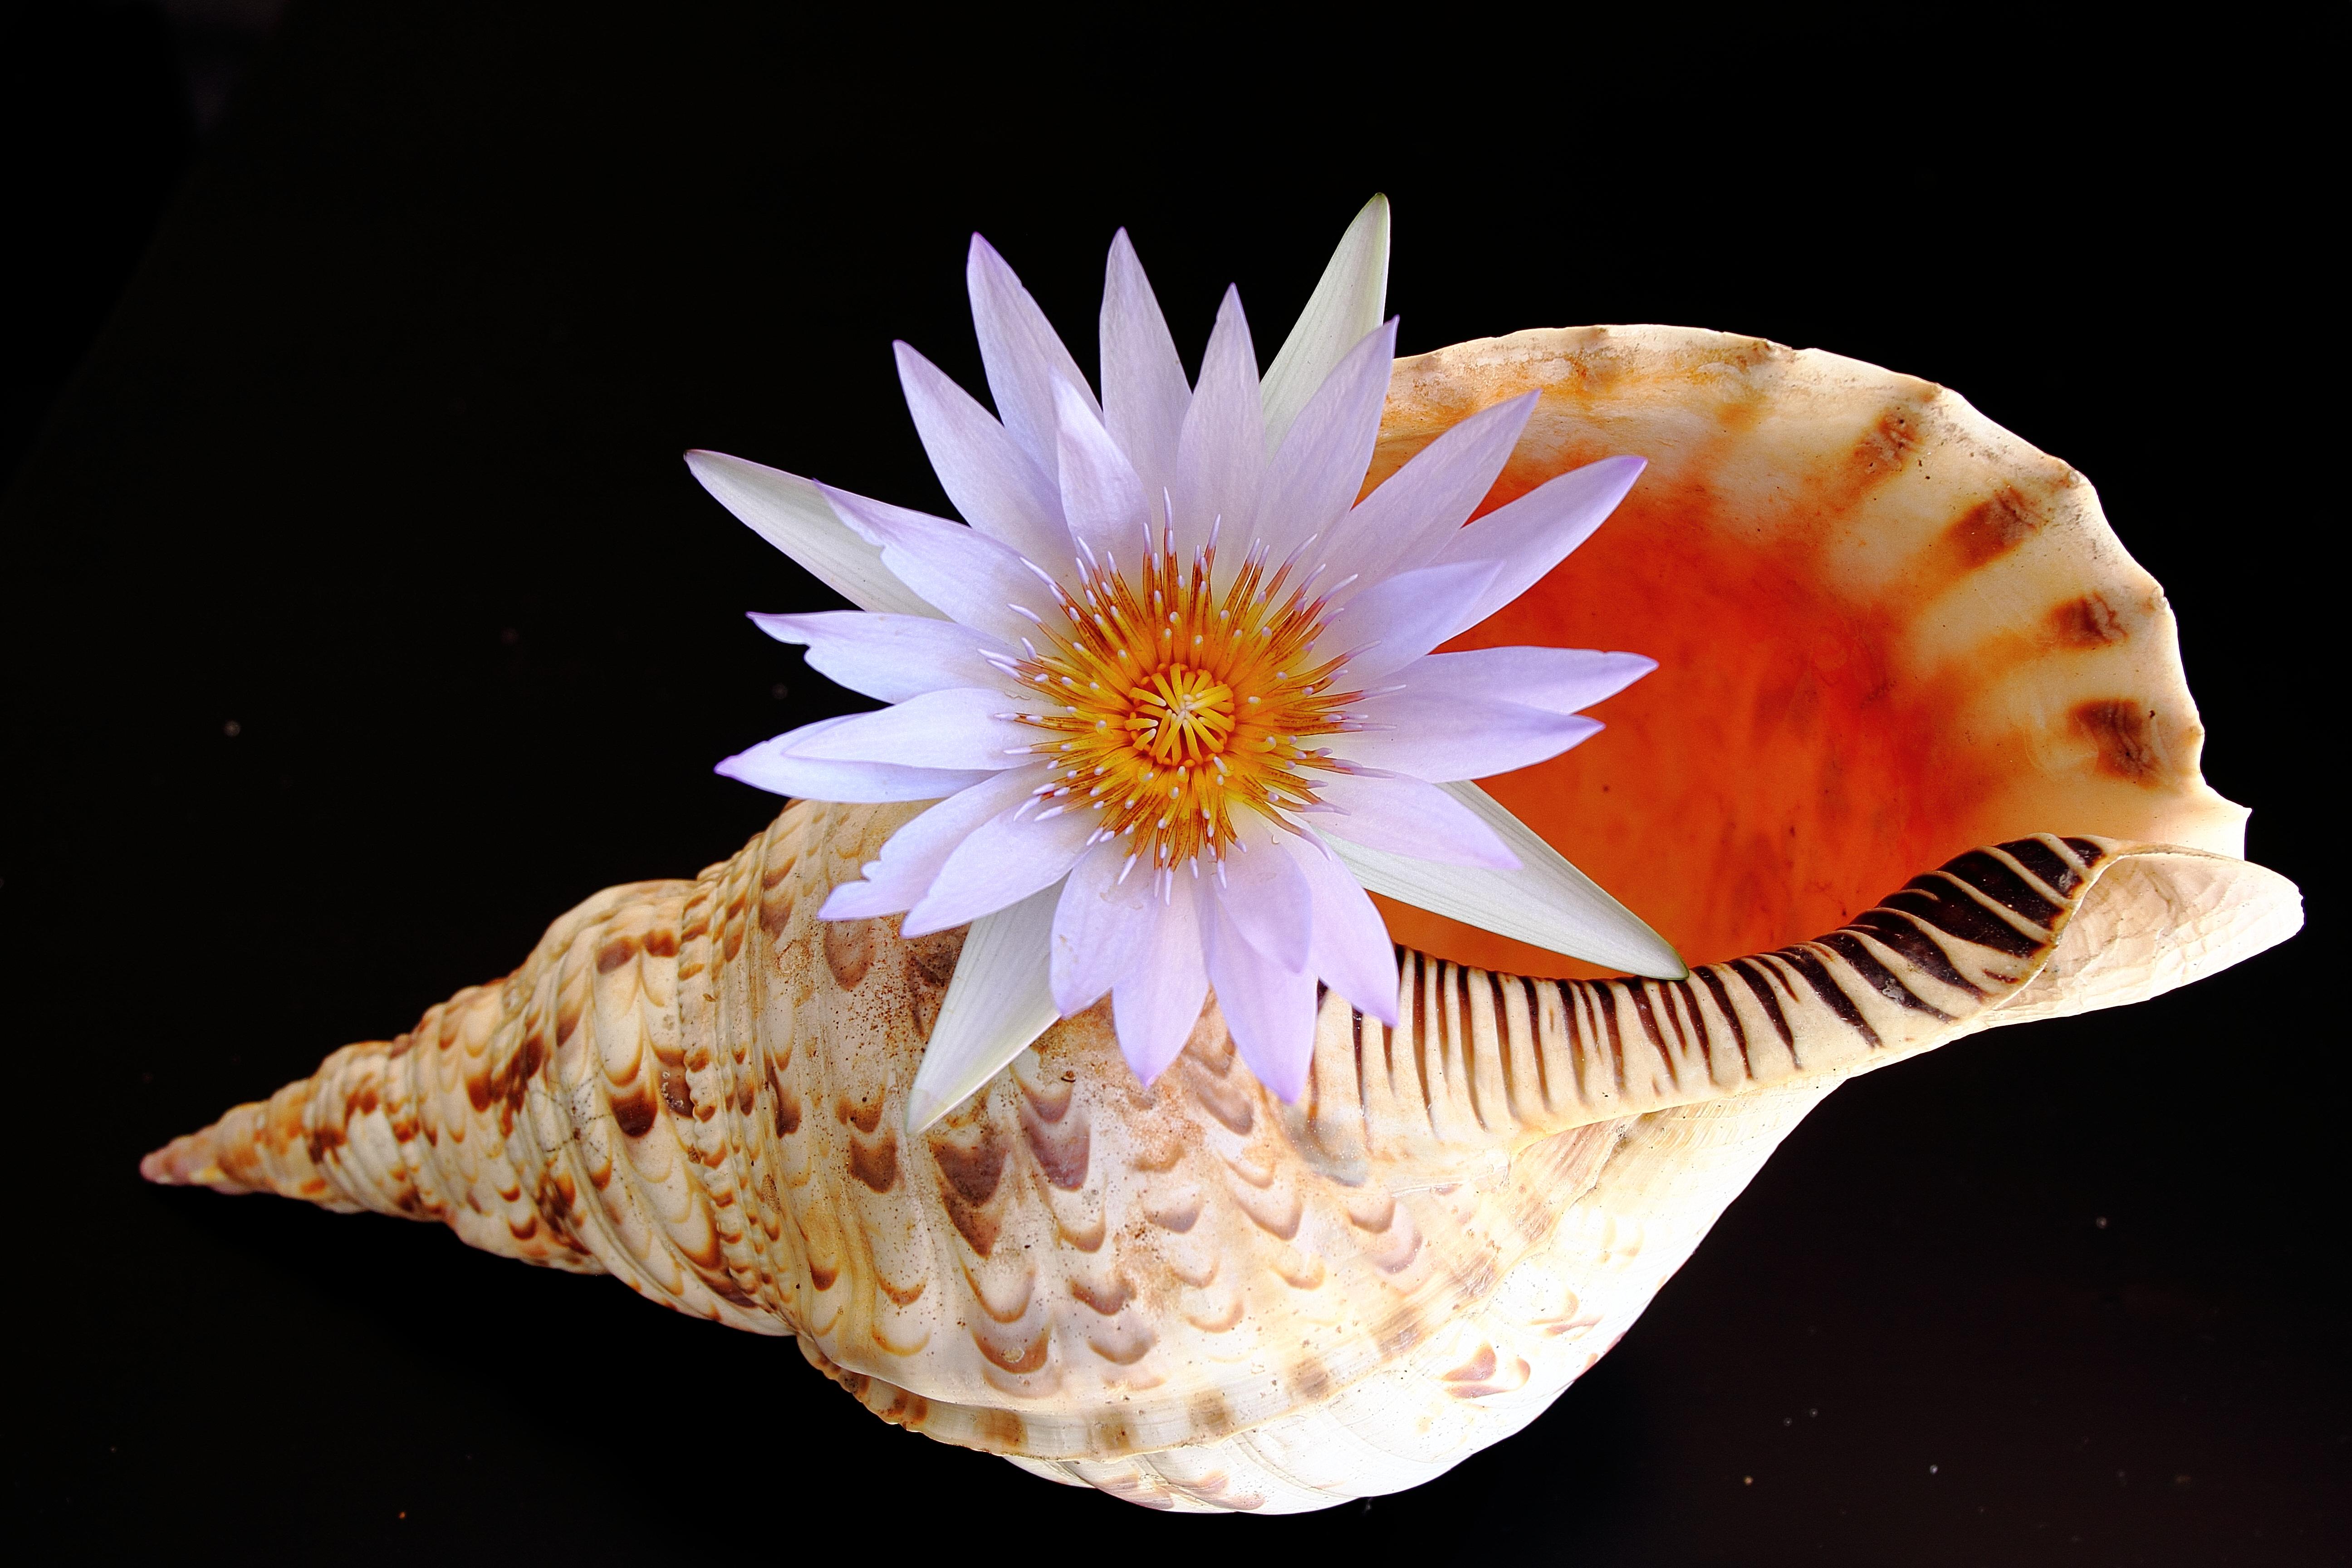 Una concha y una flor - 5184x3456